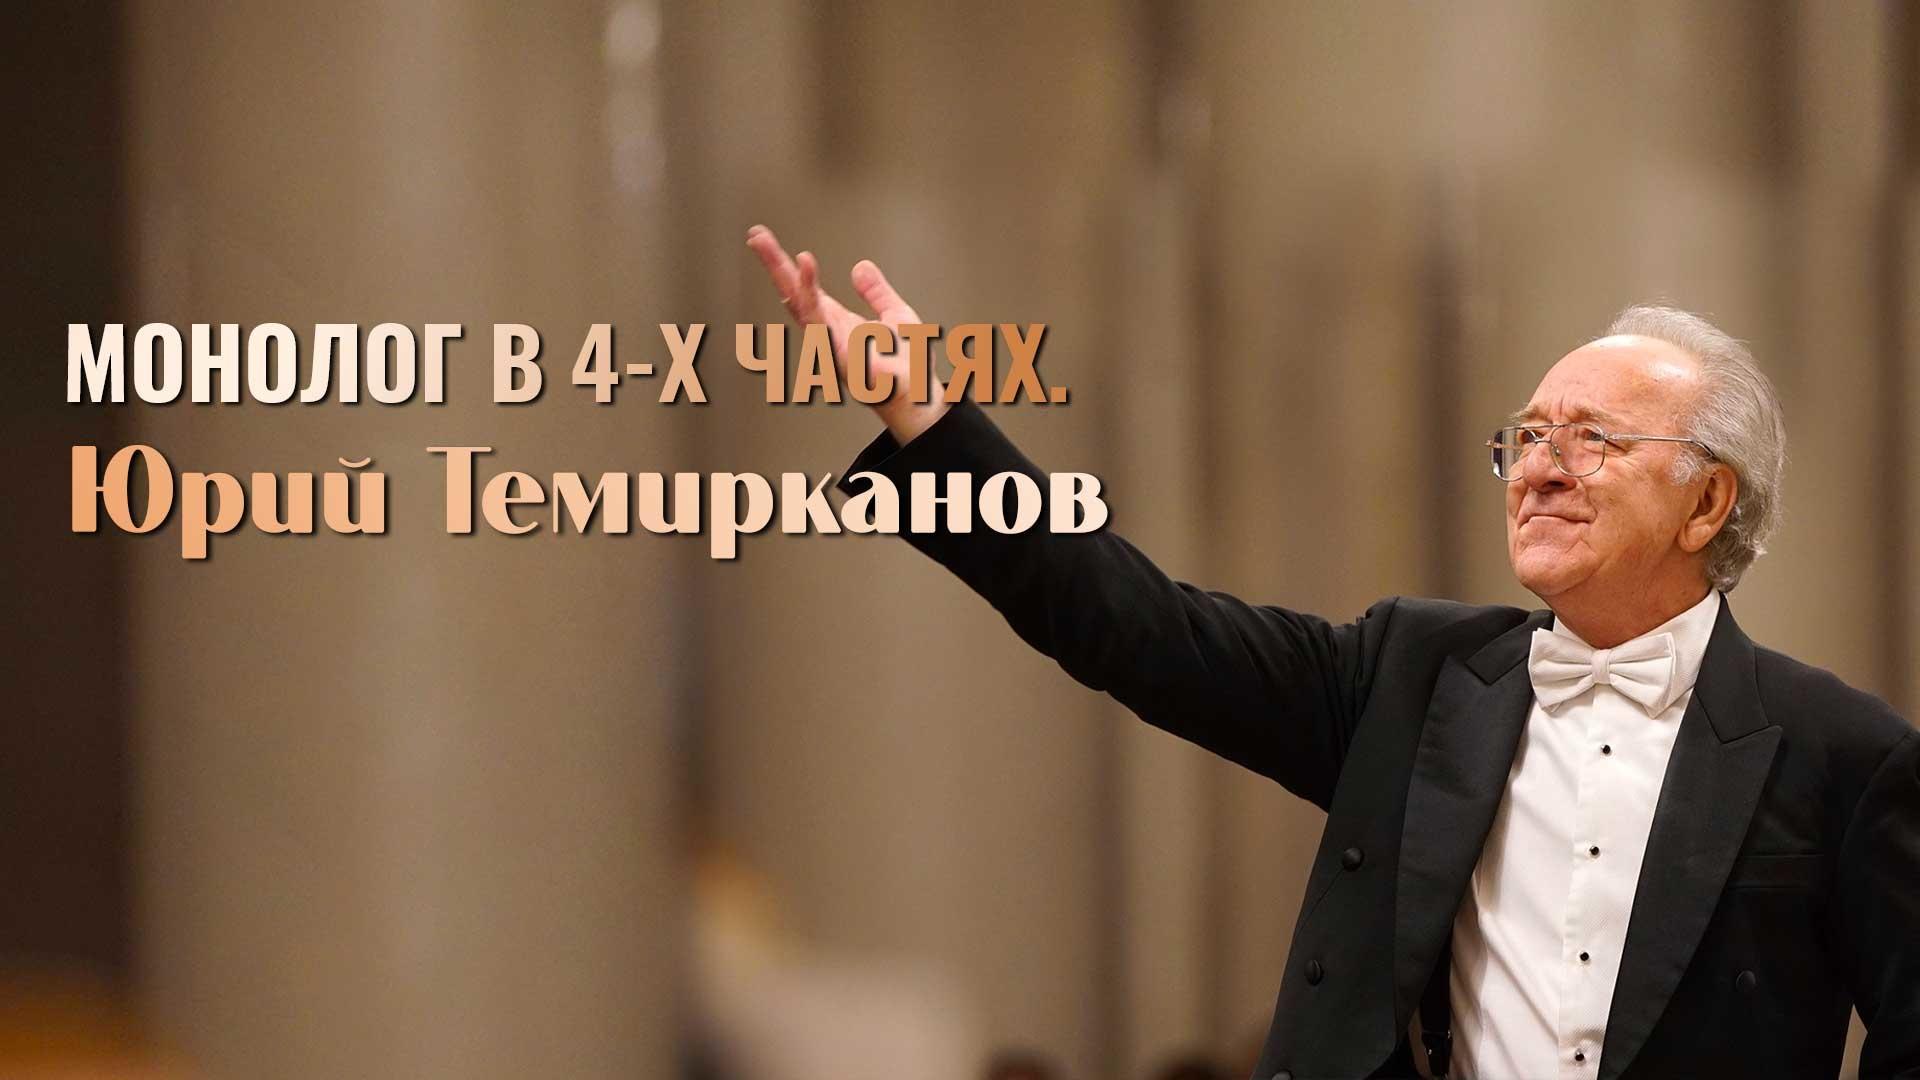 Монолог в 4-х частях. Юрий Темирканов